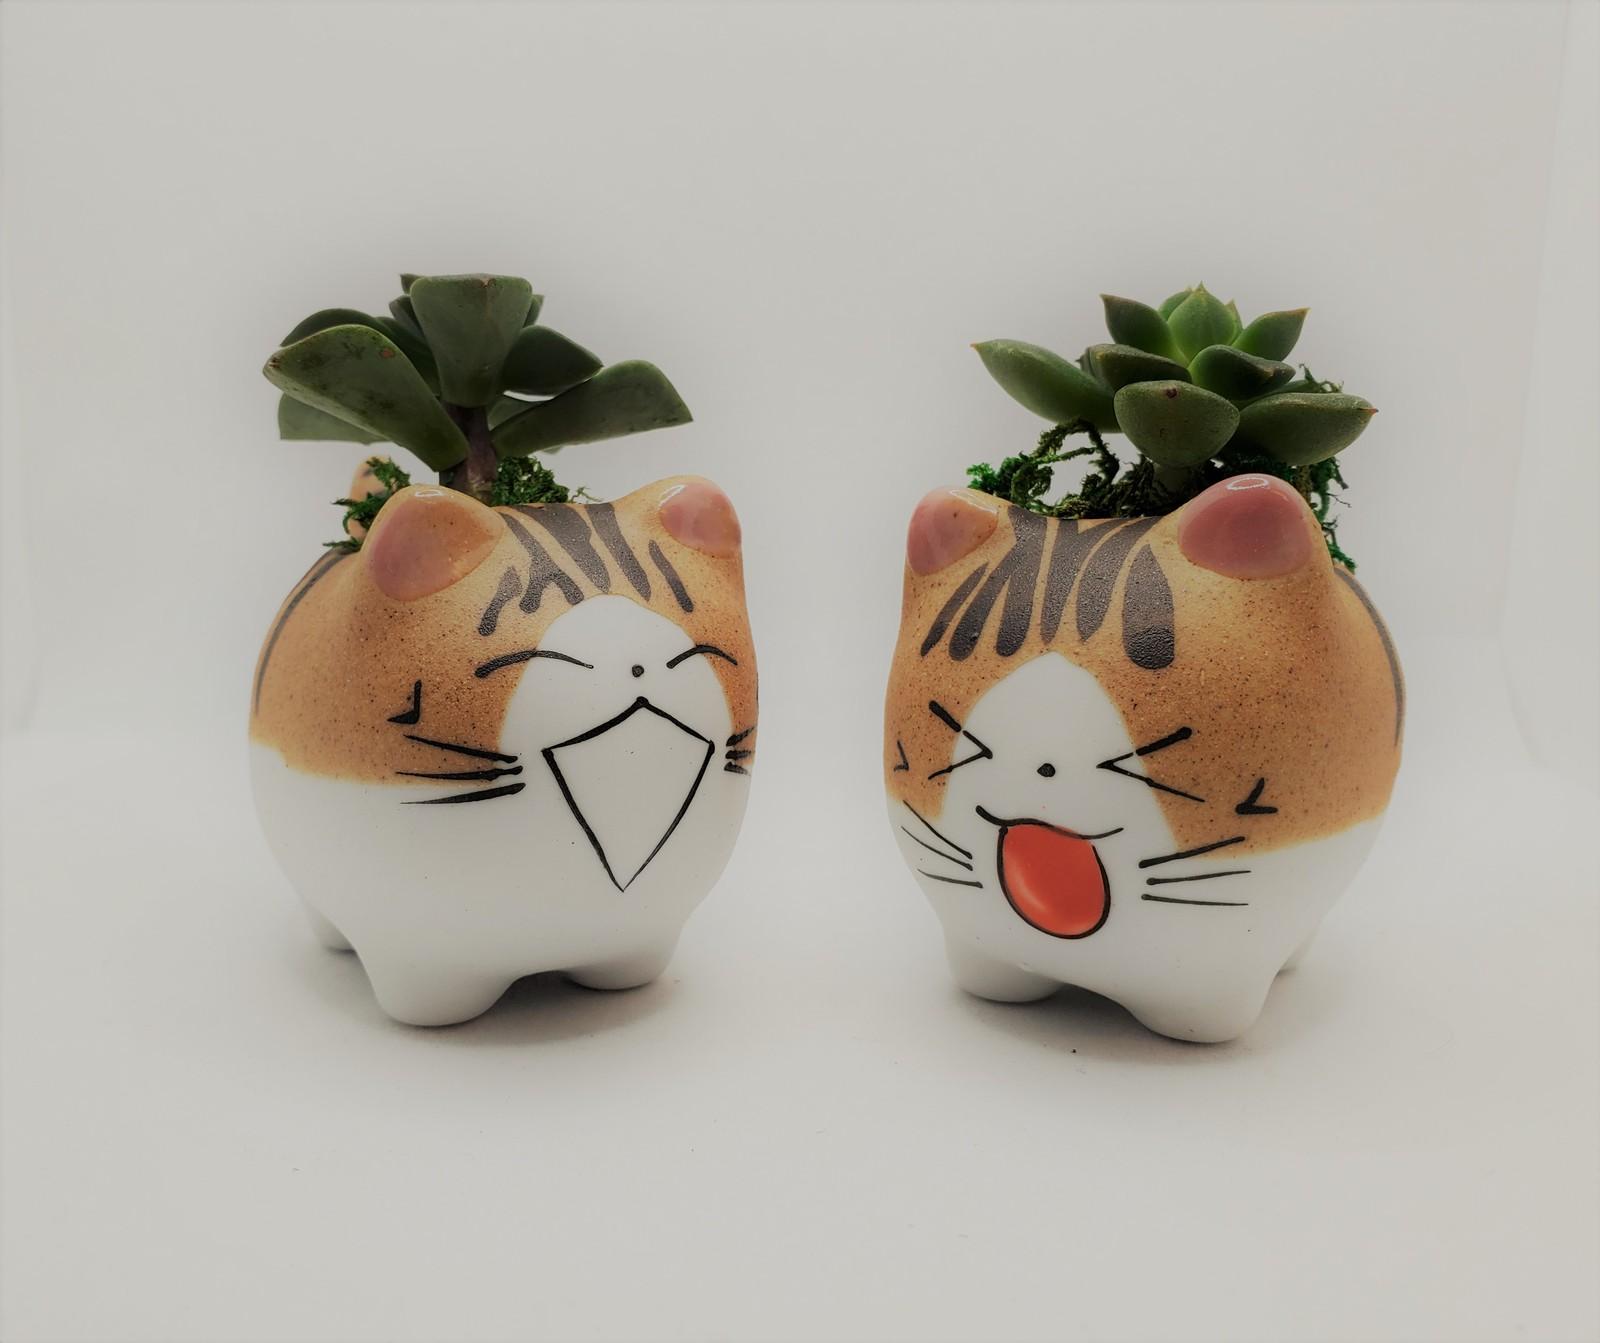 Echeveria laughingcats 1